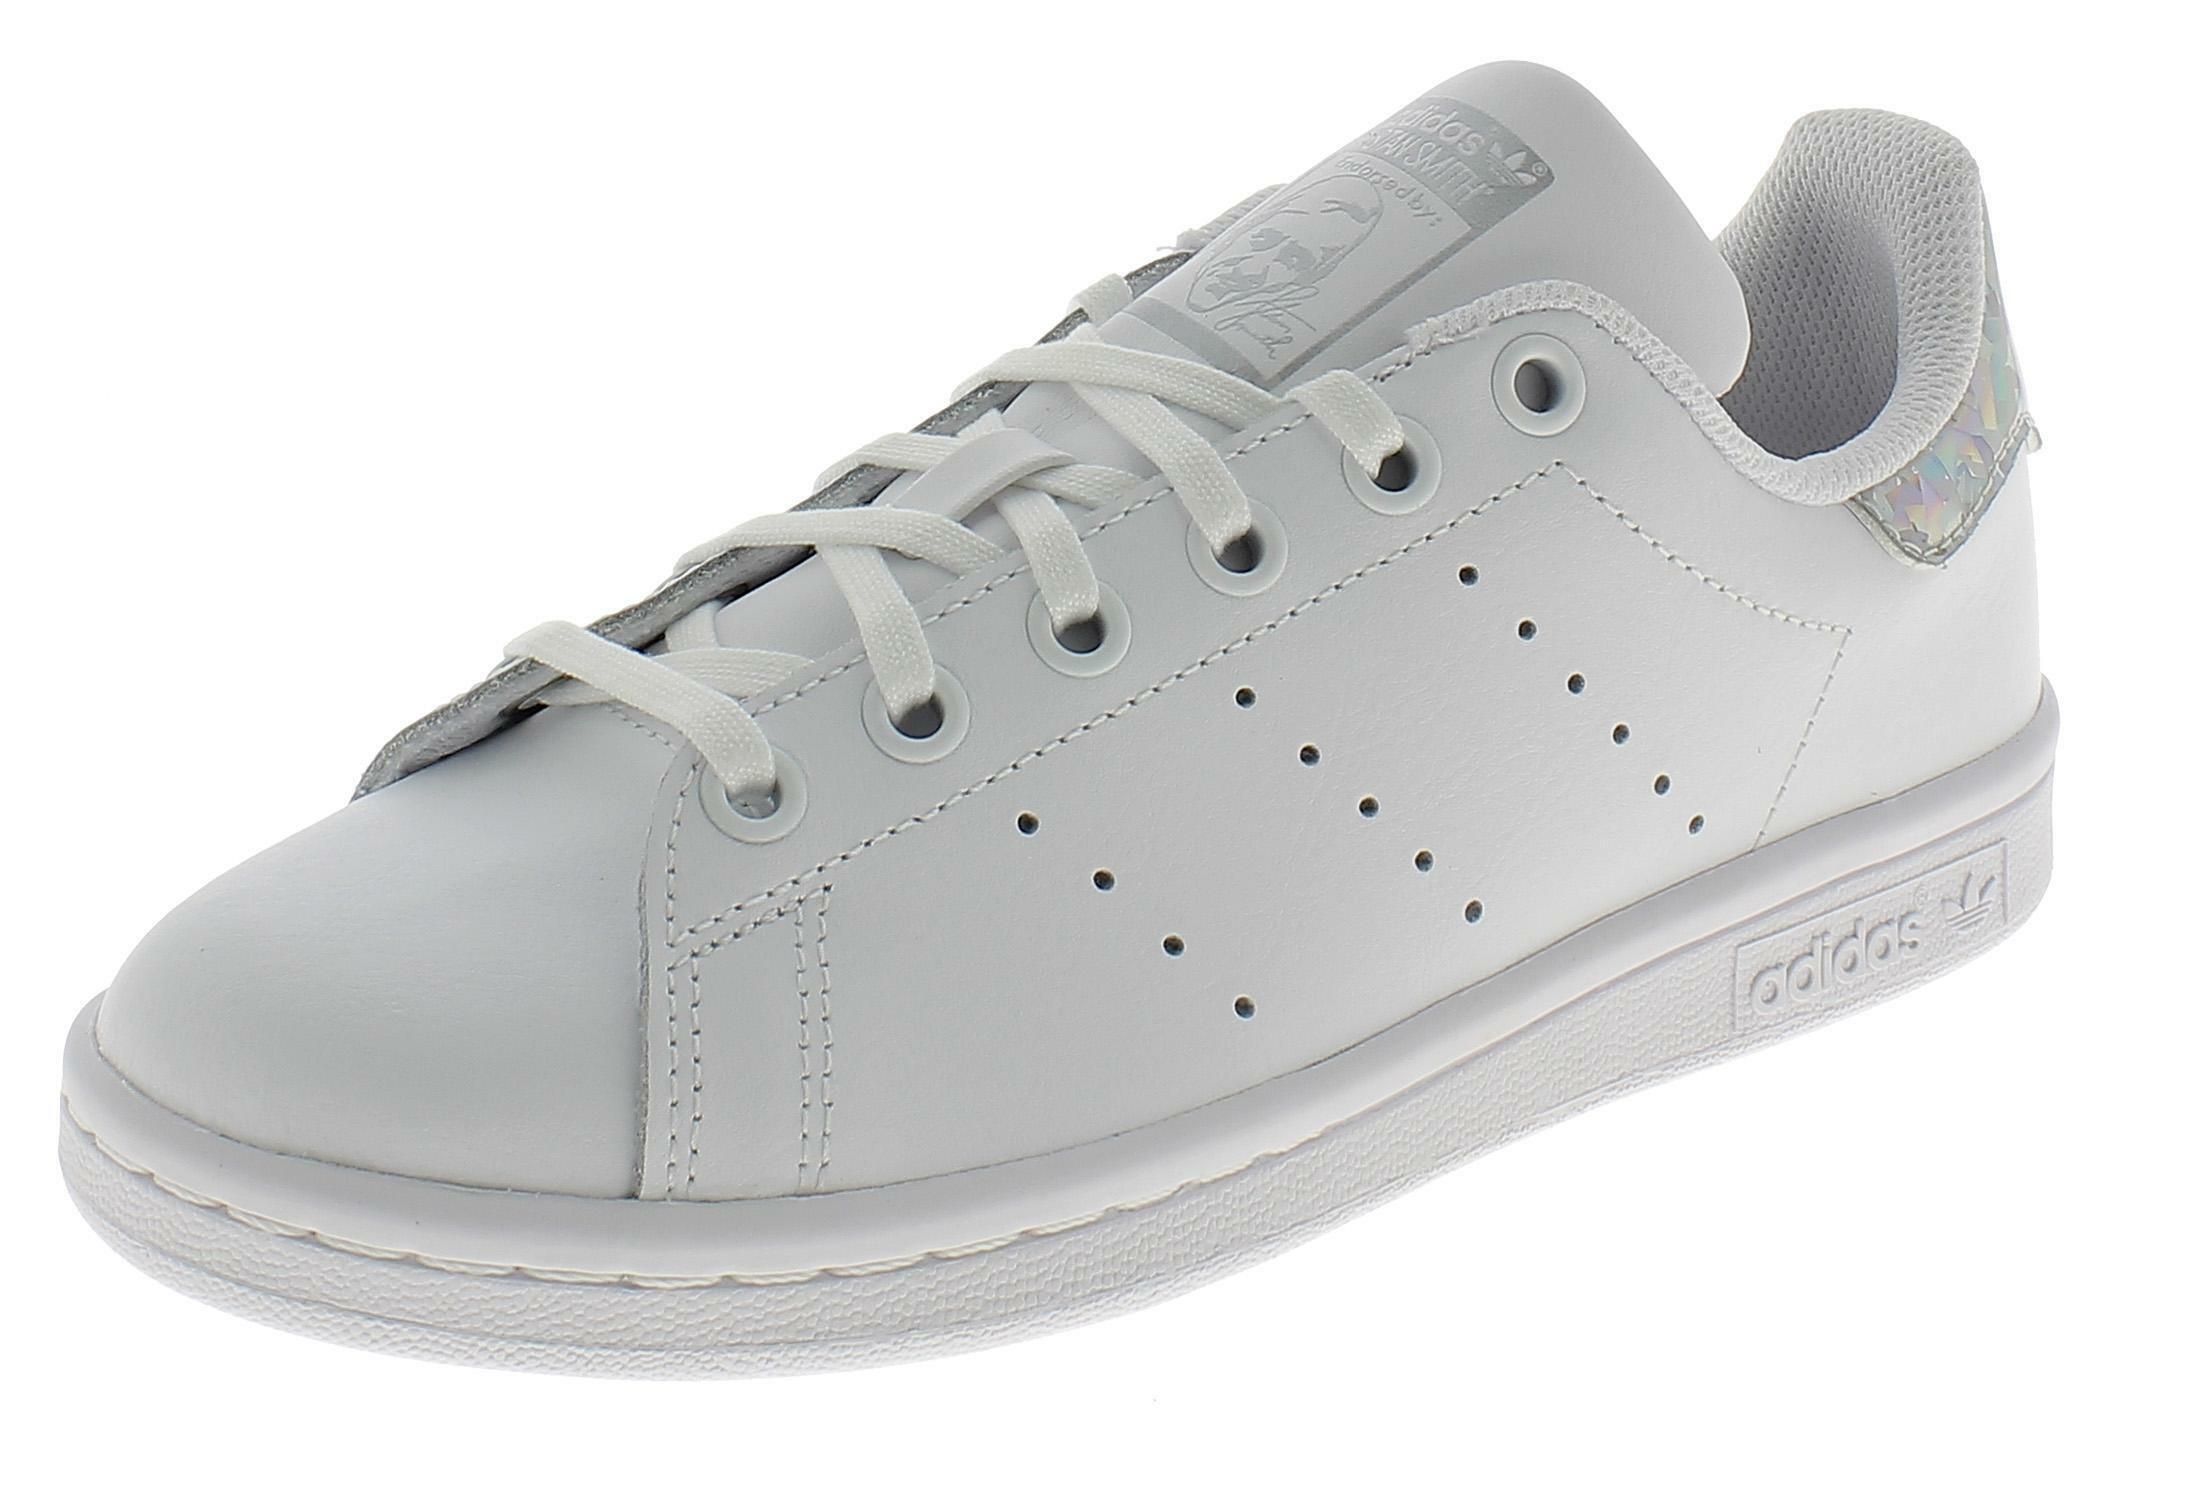 Pour Ee8483 Homme Sur De Stan Smith Blanc Sport Chaussures Détails Adidas xBtQsChrd